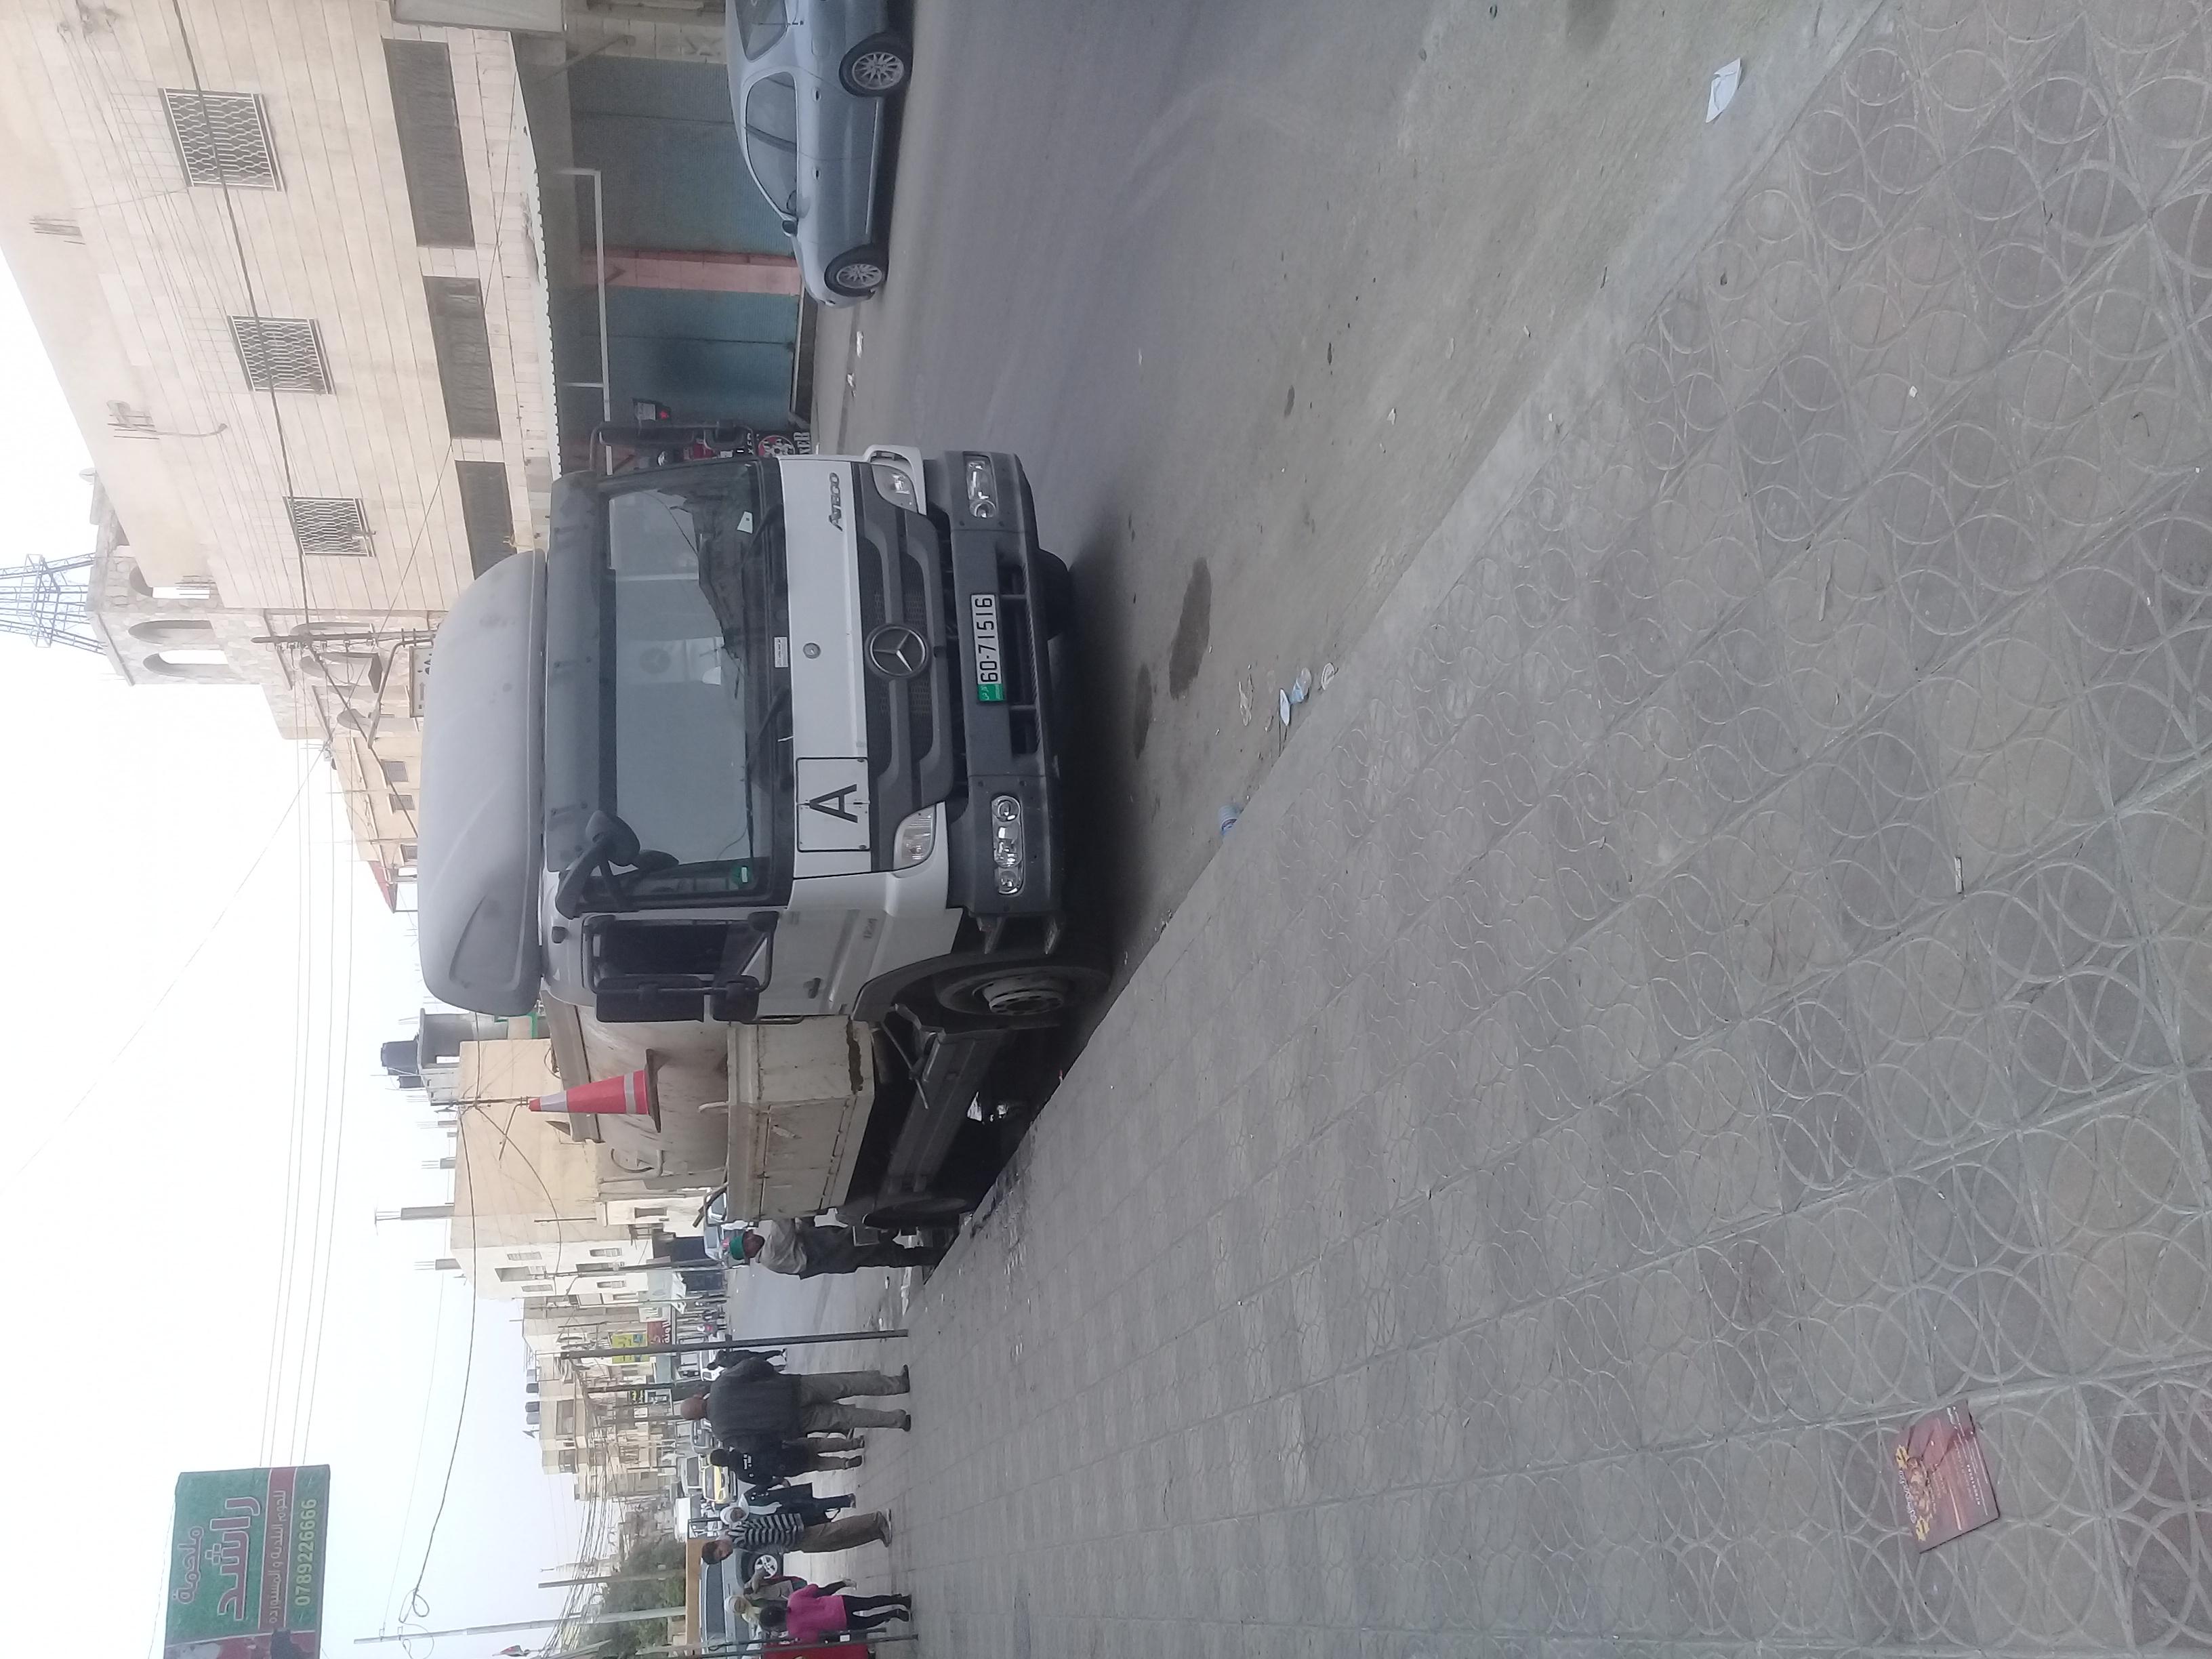 أنا من تونس أبحث عن شغل شهادة مهنية مجهز صحي حراري(سباك)-  تسليك خطوط الصرف الصحي...